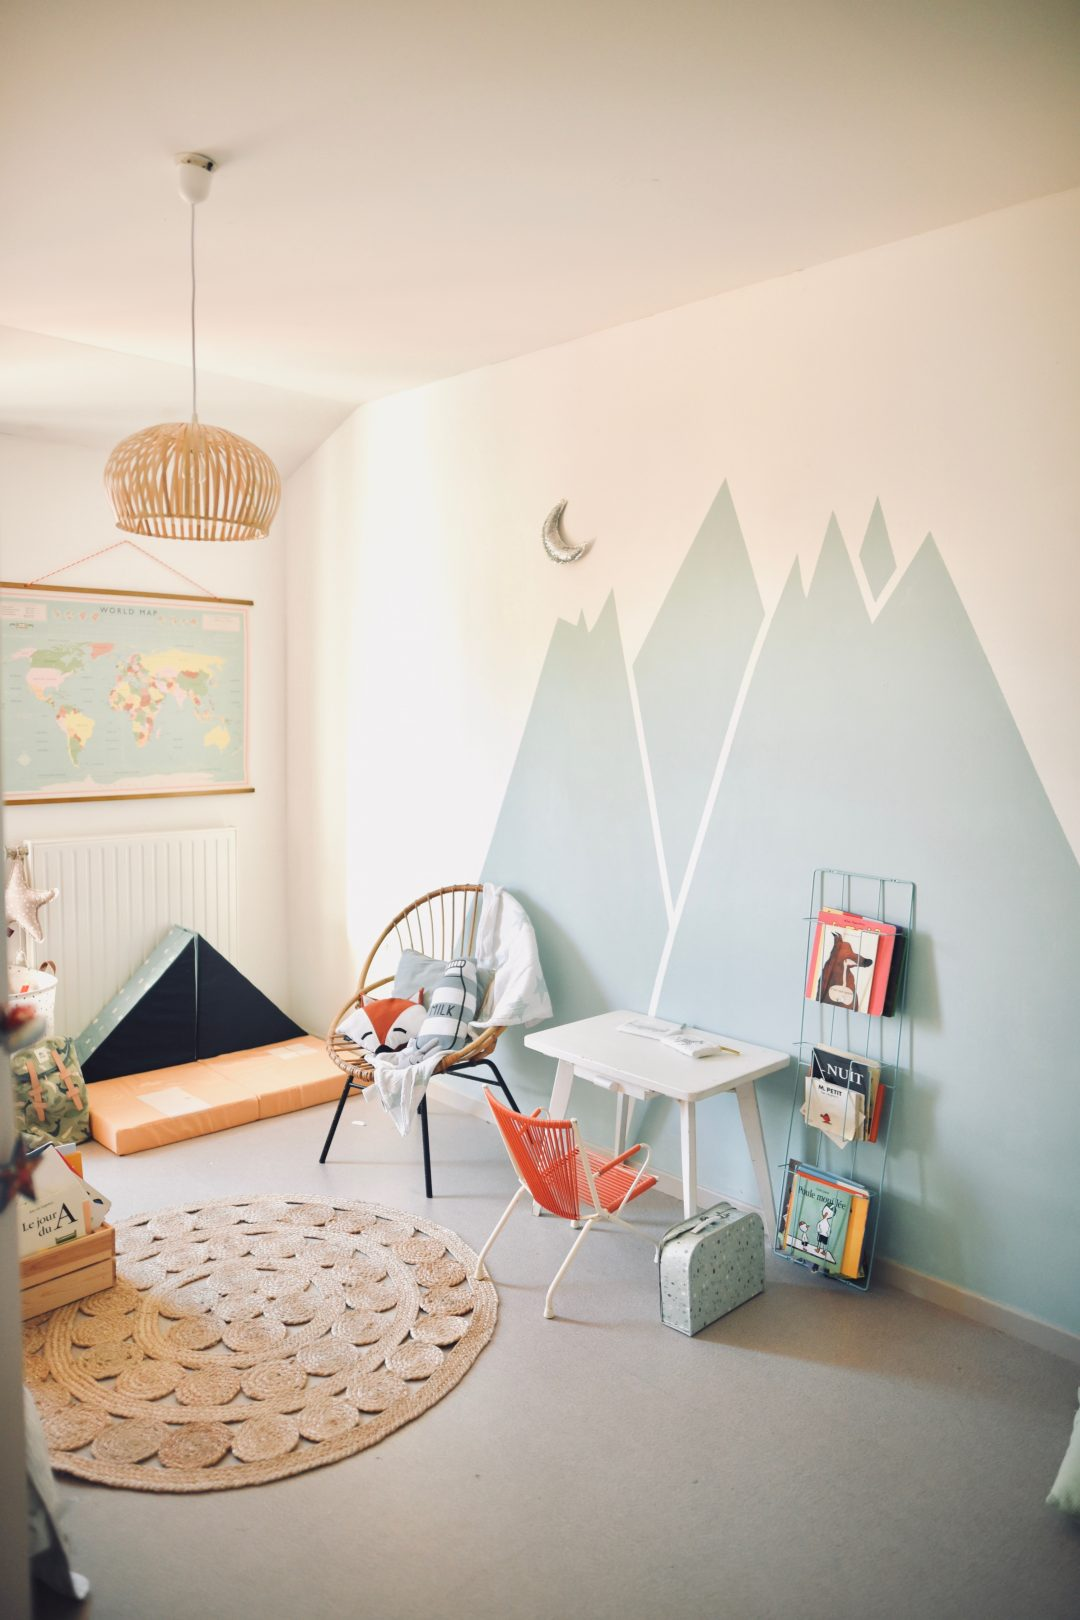 Idée Déco • Peindre des montagnes dans une chambre d\'enfant | Gang ...